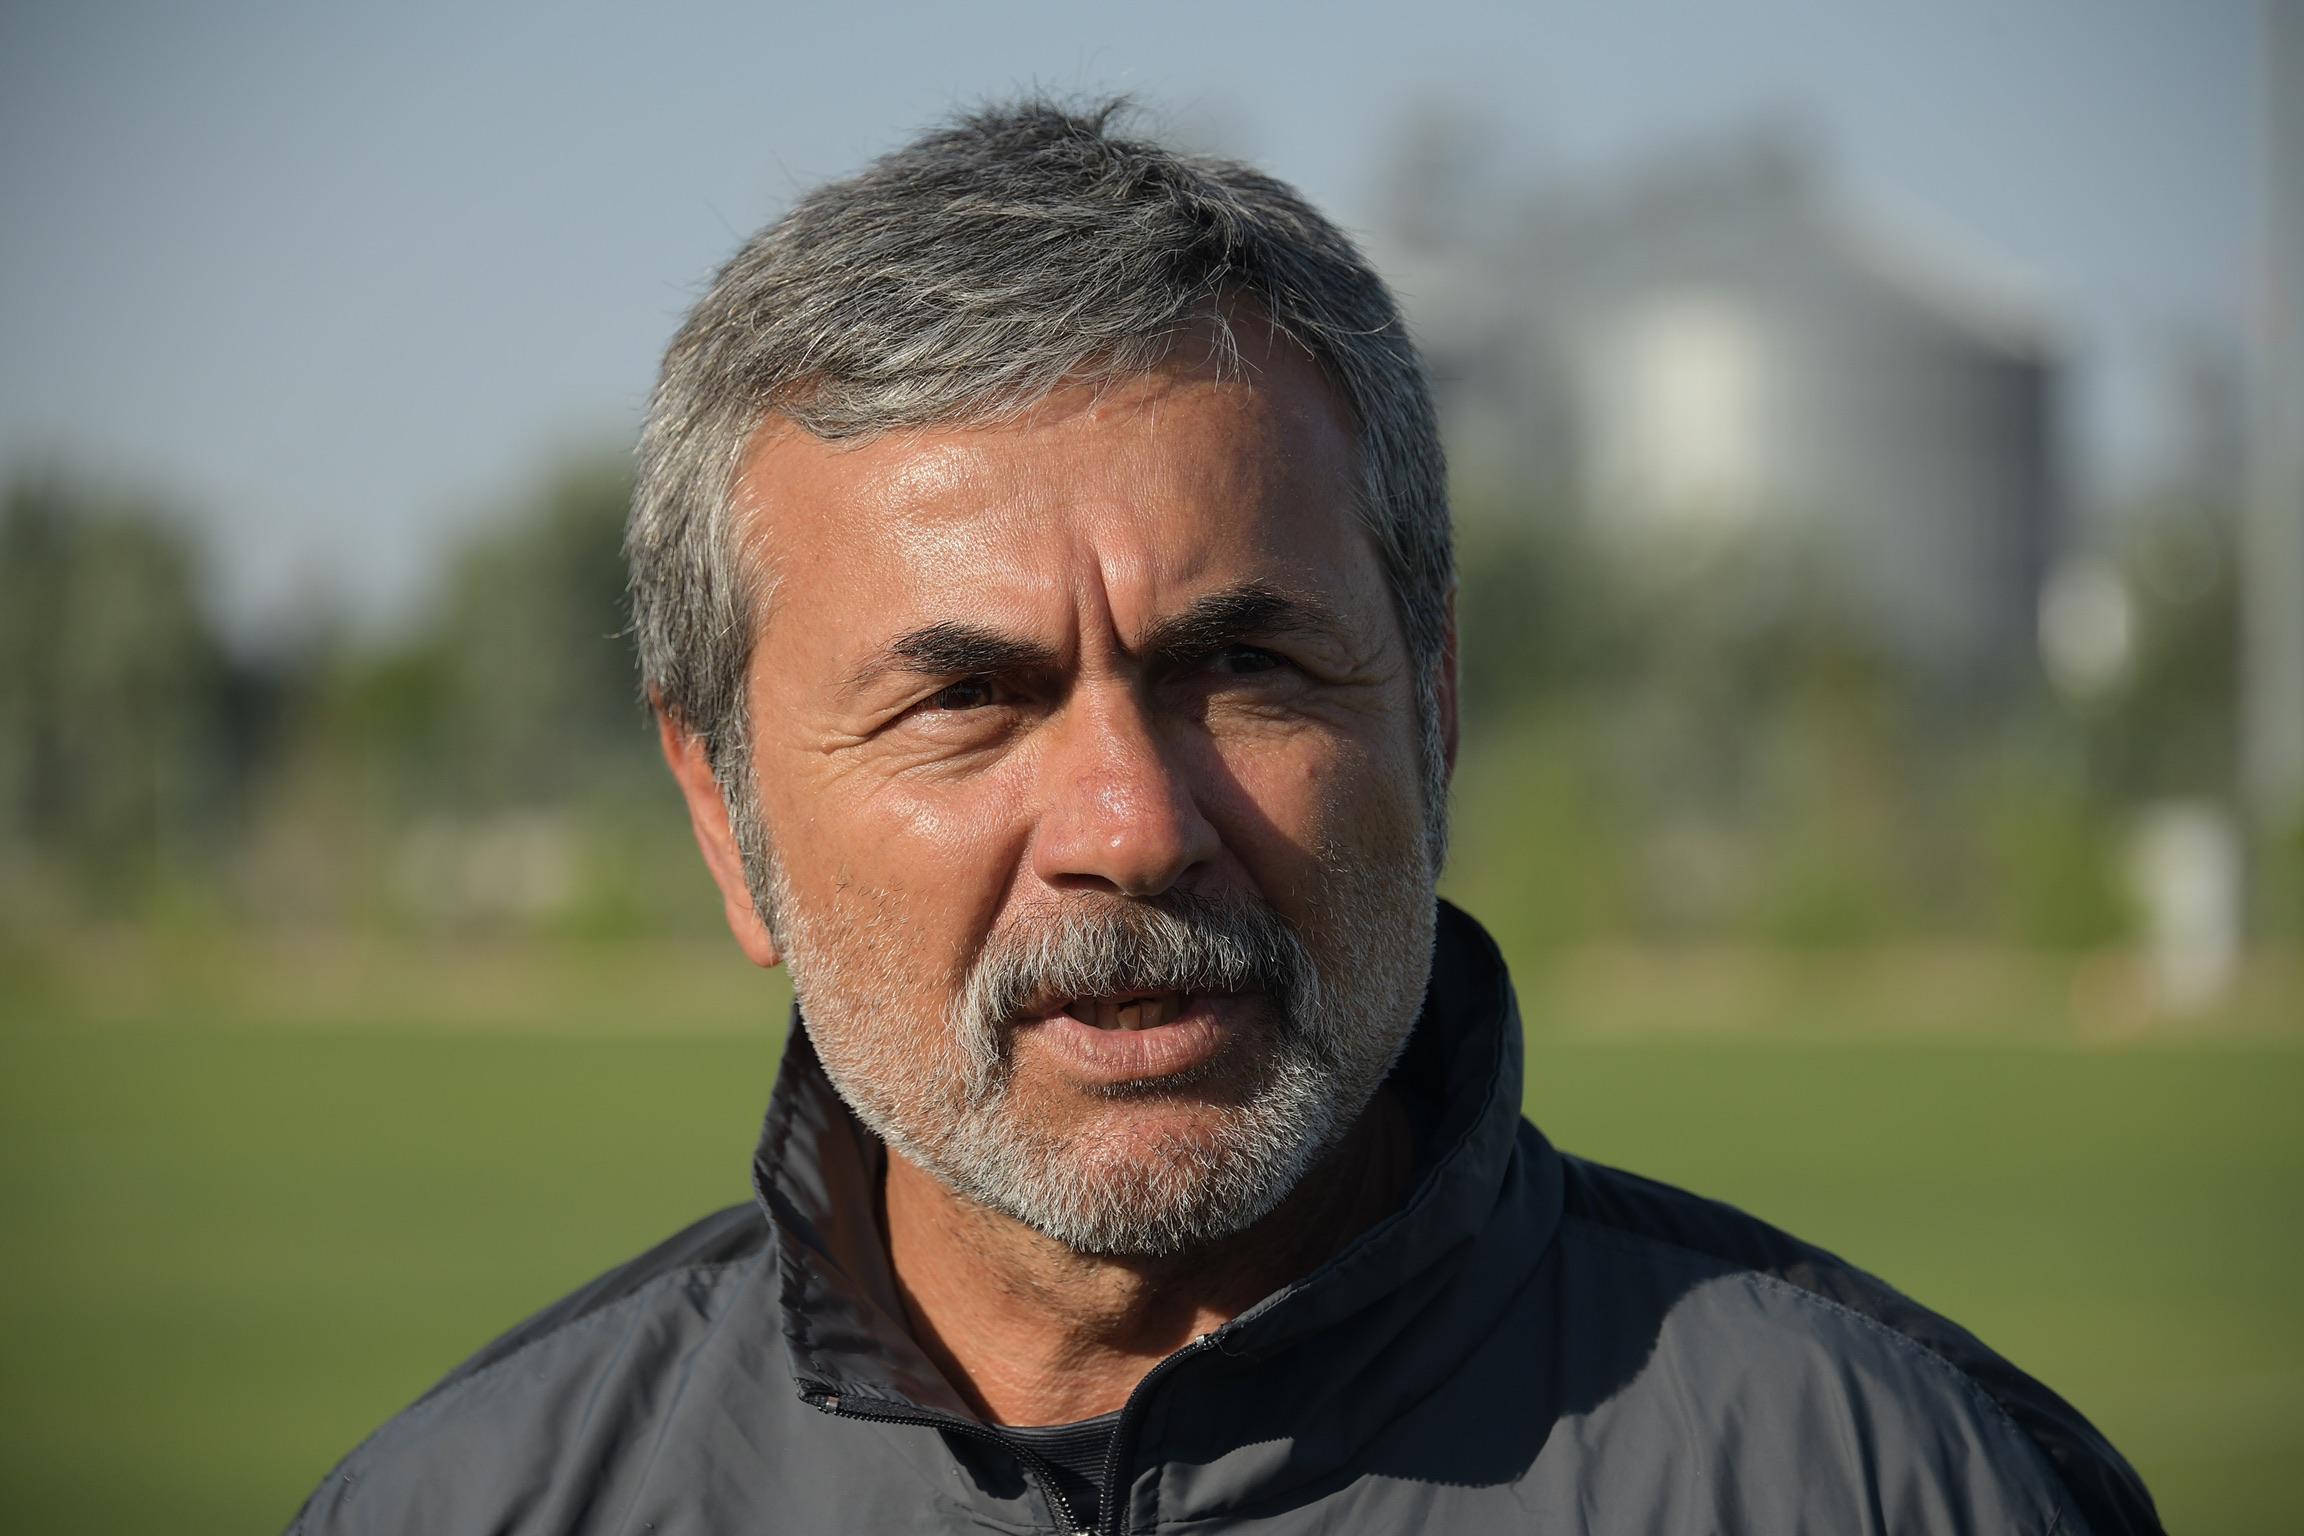 Konyaspor ailesinin başarılı bir sezon geçirmesi tek düşüncemiz olacak